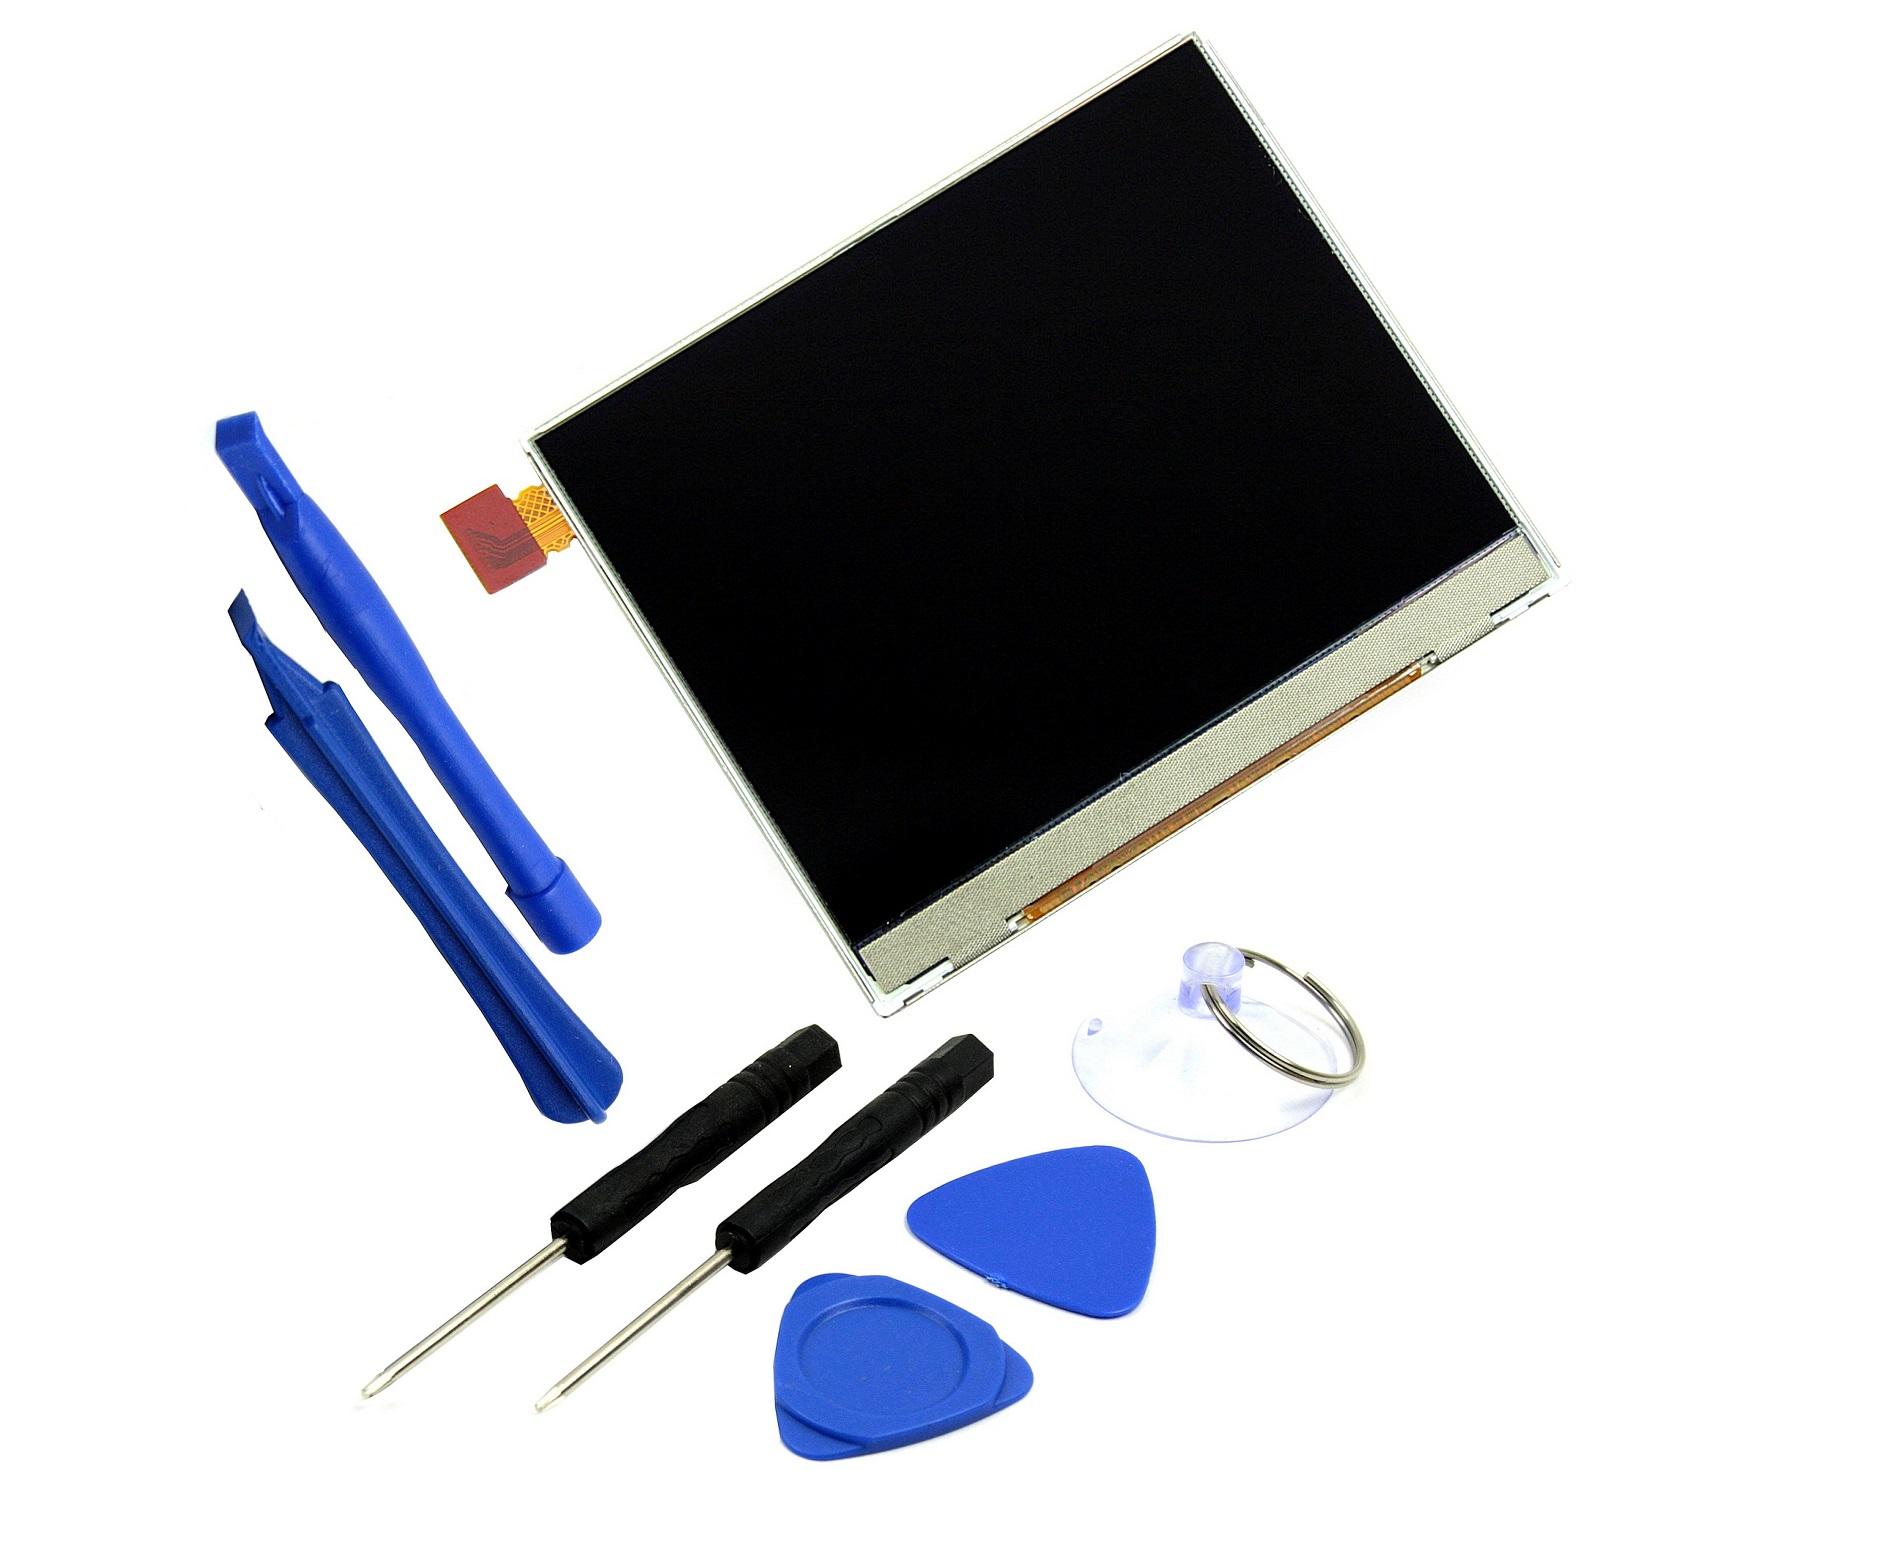 ORYGINALNY WYŚWIETLACZ LCD EKRAN BLACKBERRY 9790